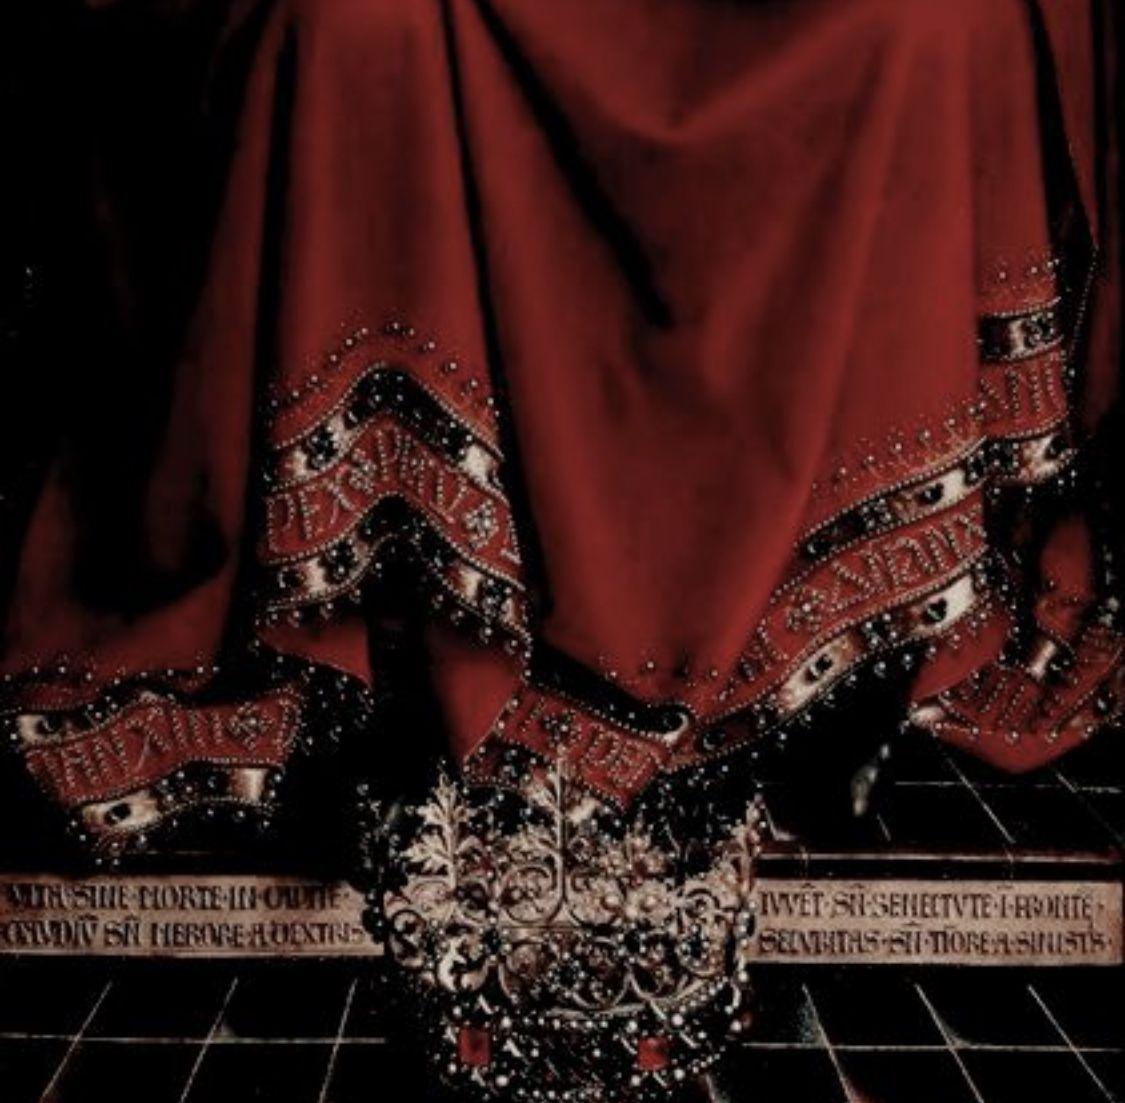 Pin By Heloisa Mirabelli On Edelgard Von Hresvelg Gryffindor Aesthetic Hogwarts Aesthetic Red Aesthetic